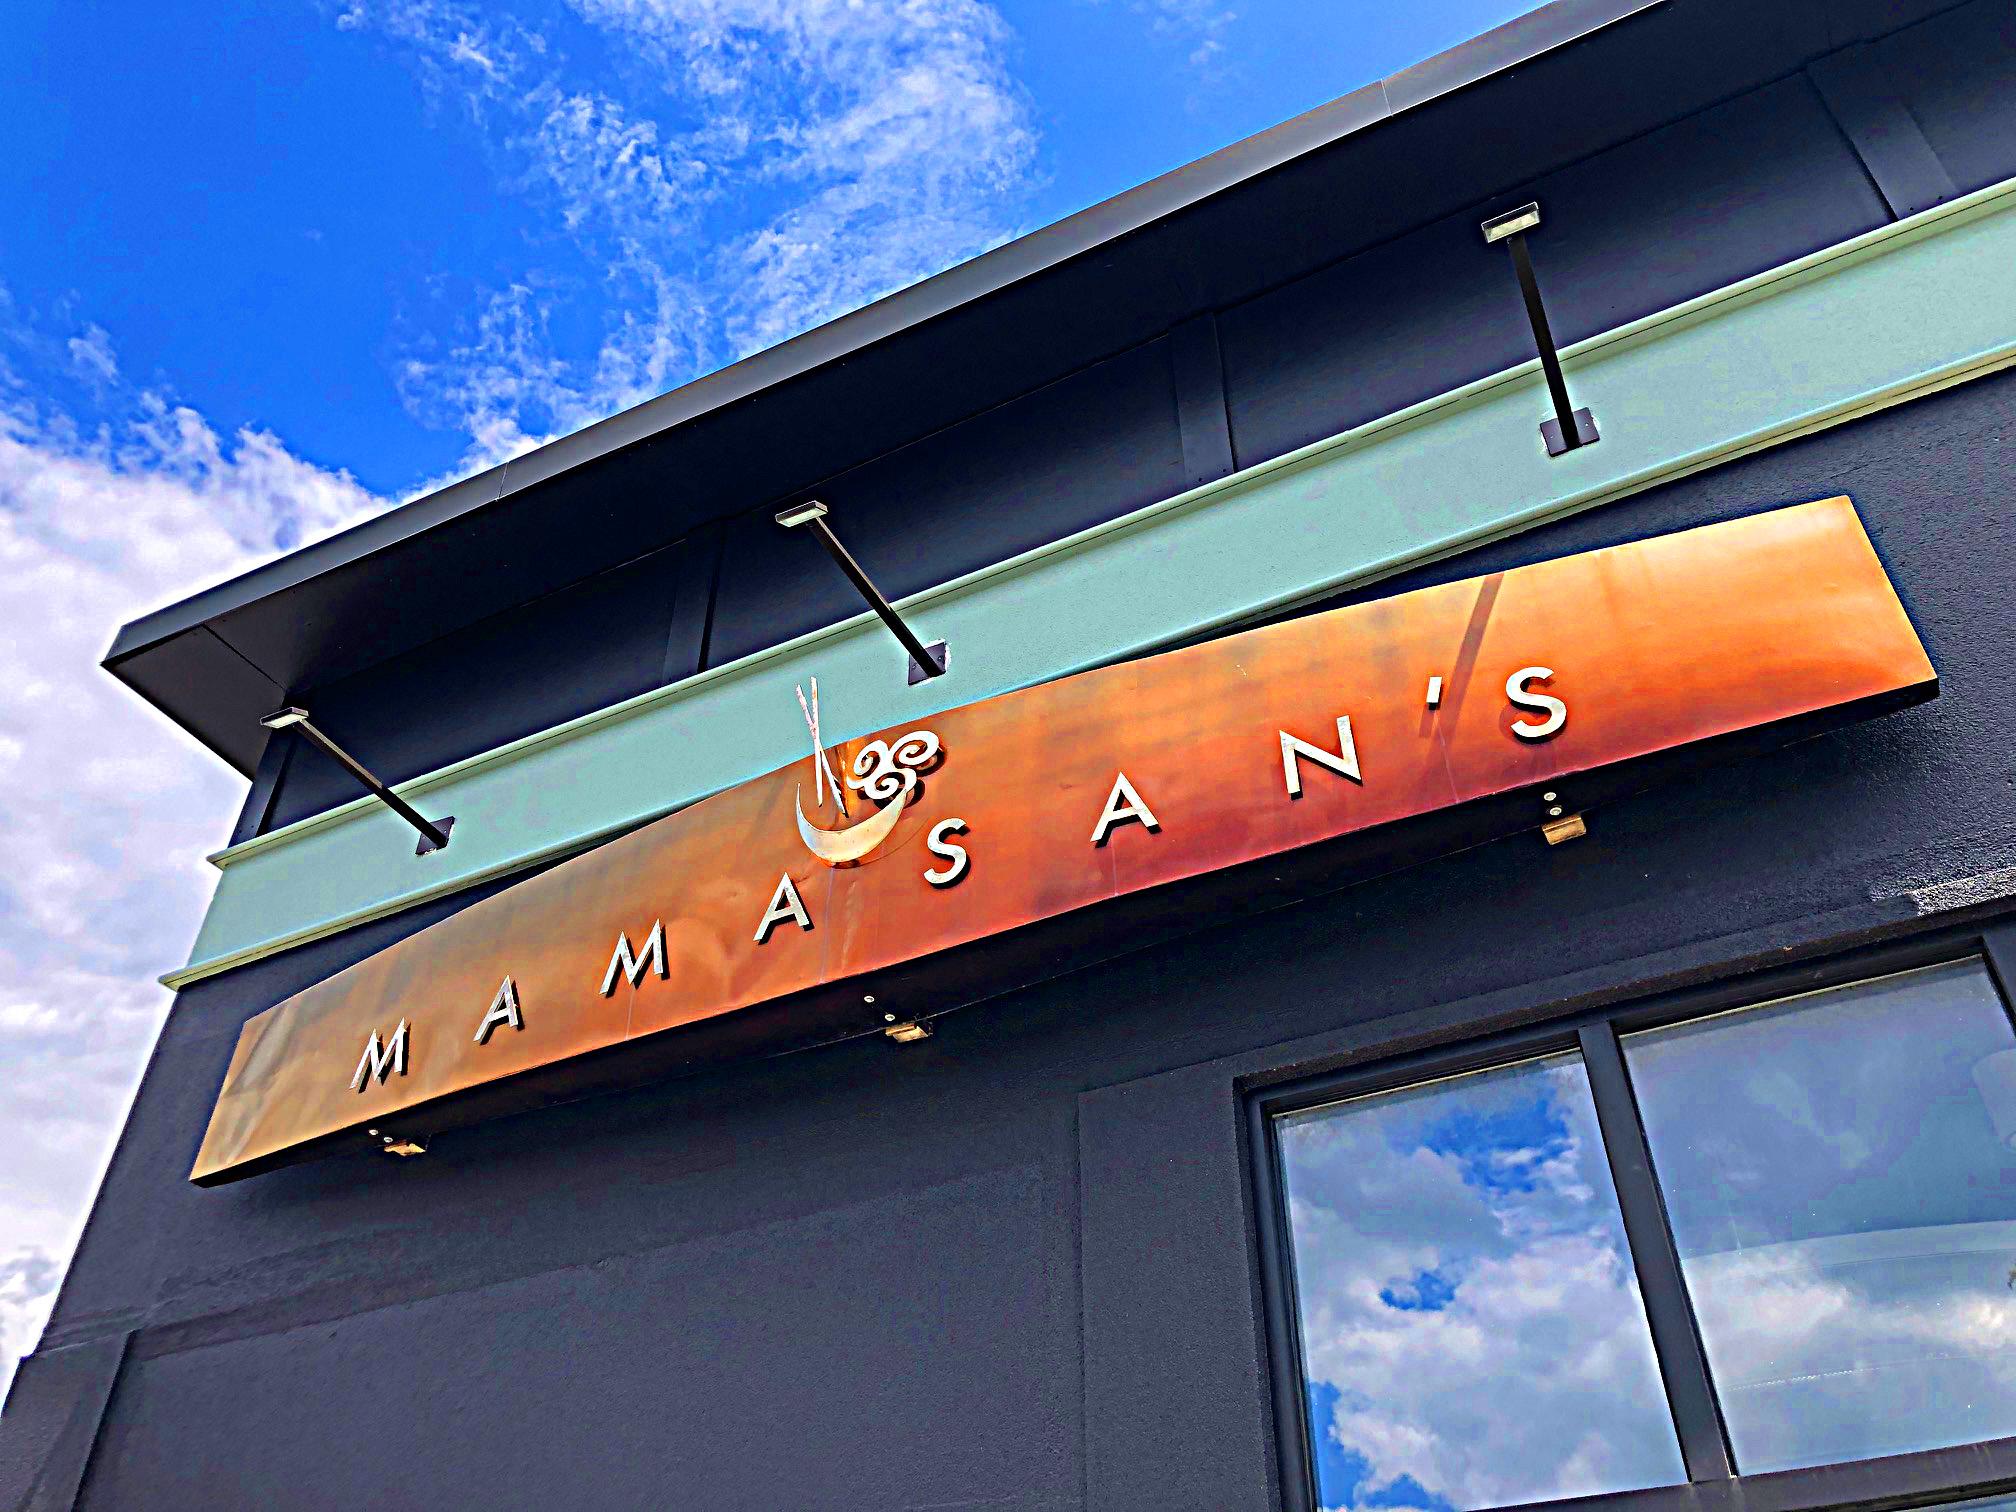 Mamasans sign